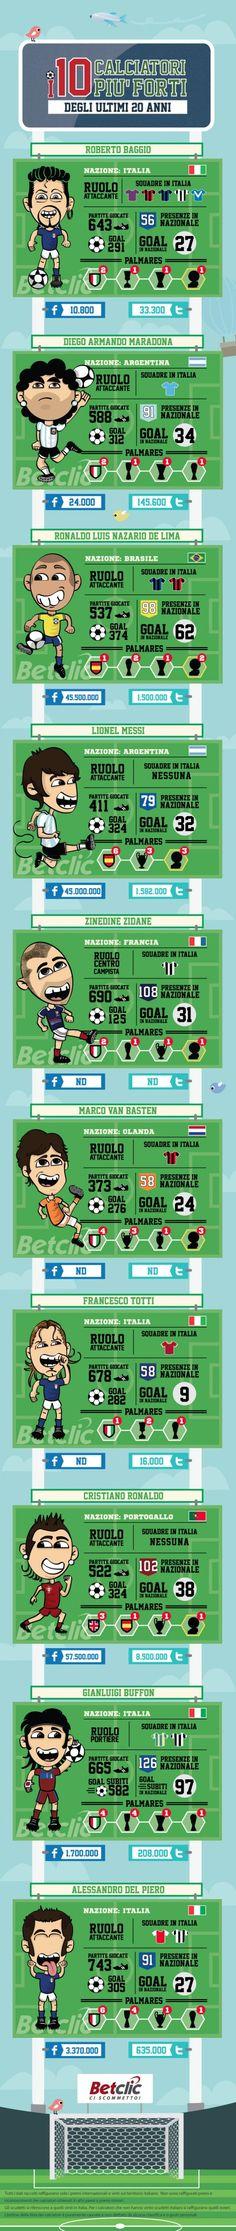 I calciatori più forti degli ultimi vent'anni in un'infografica (la scelta di alcuni è abbastanza opinabile)